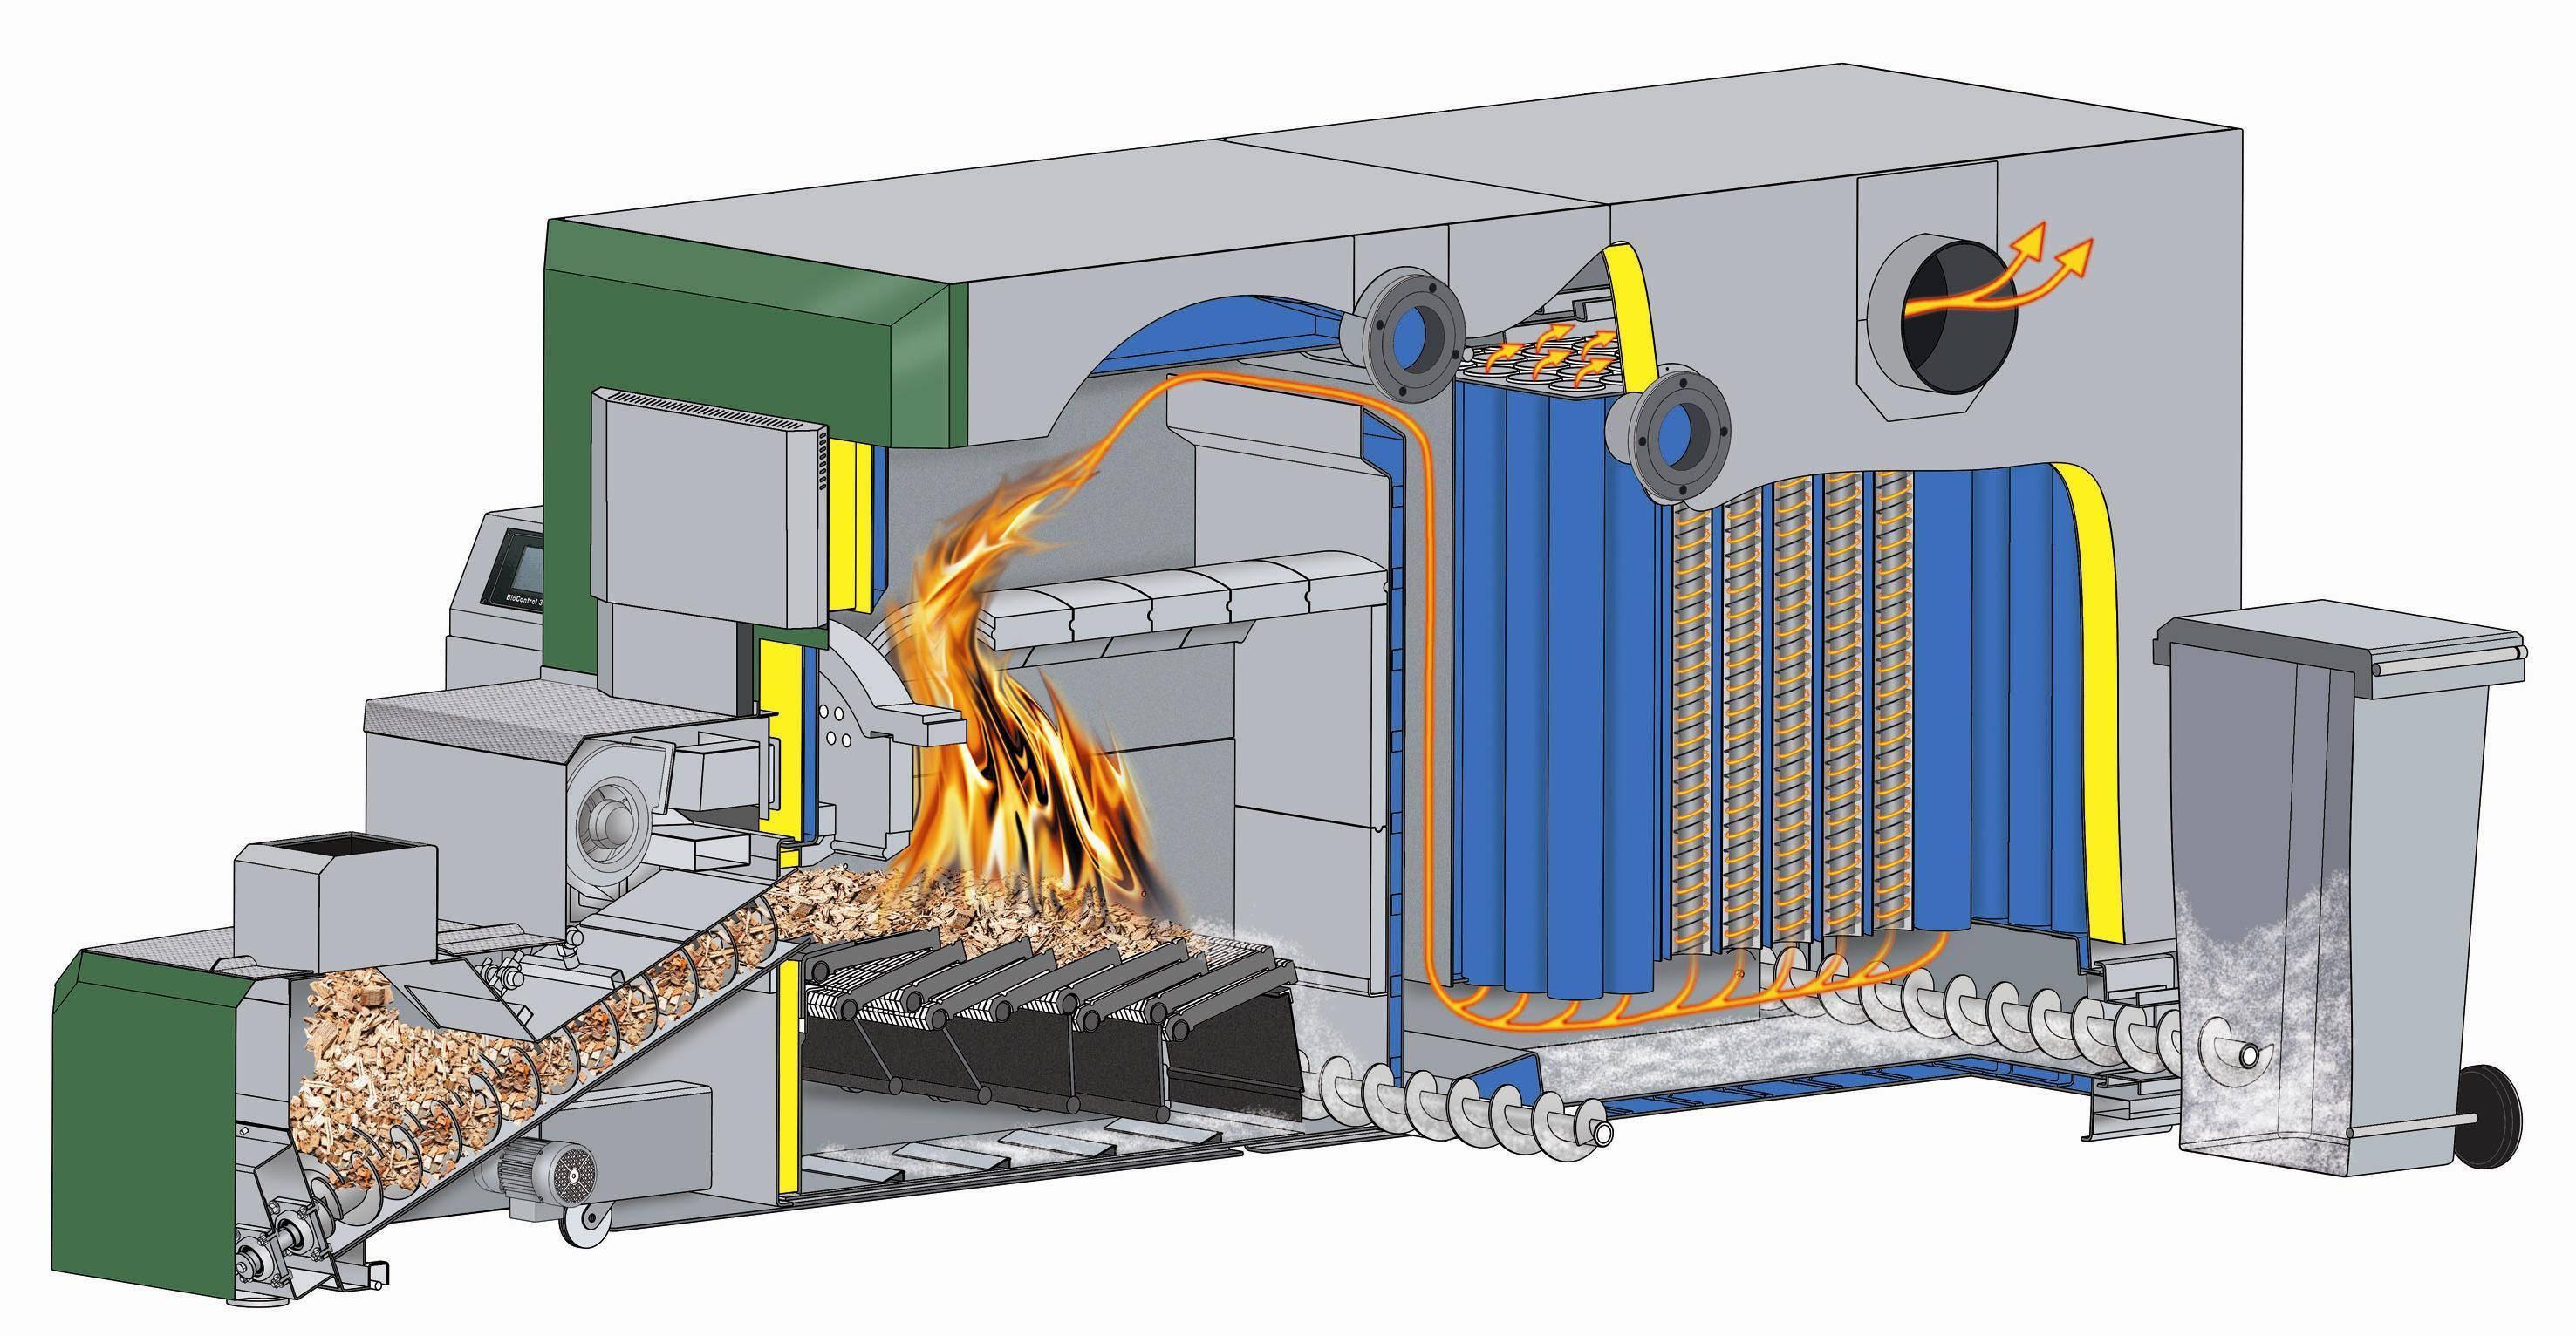 Печь на опилках - доступный способ отопления небольших помещений